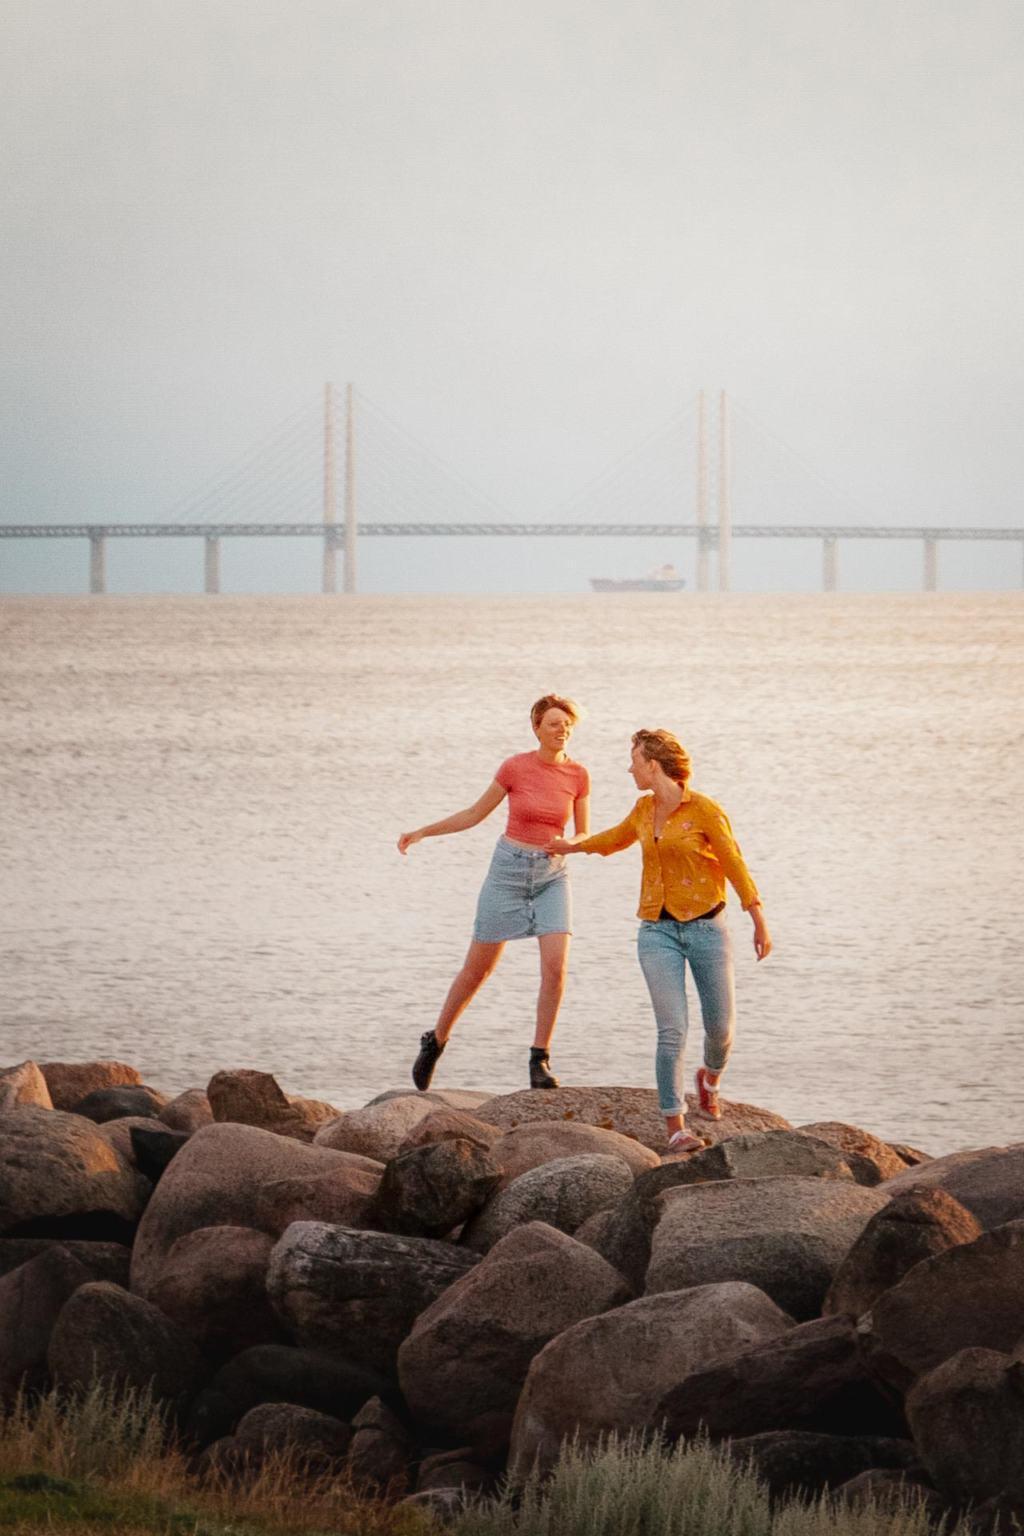 Øresund bridge from Västra hamnen, Malmö